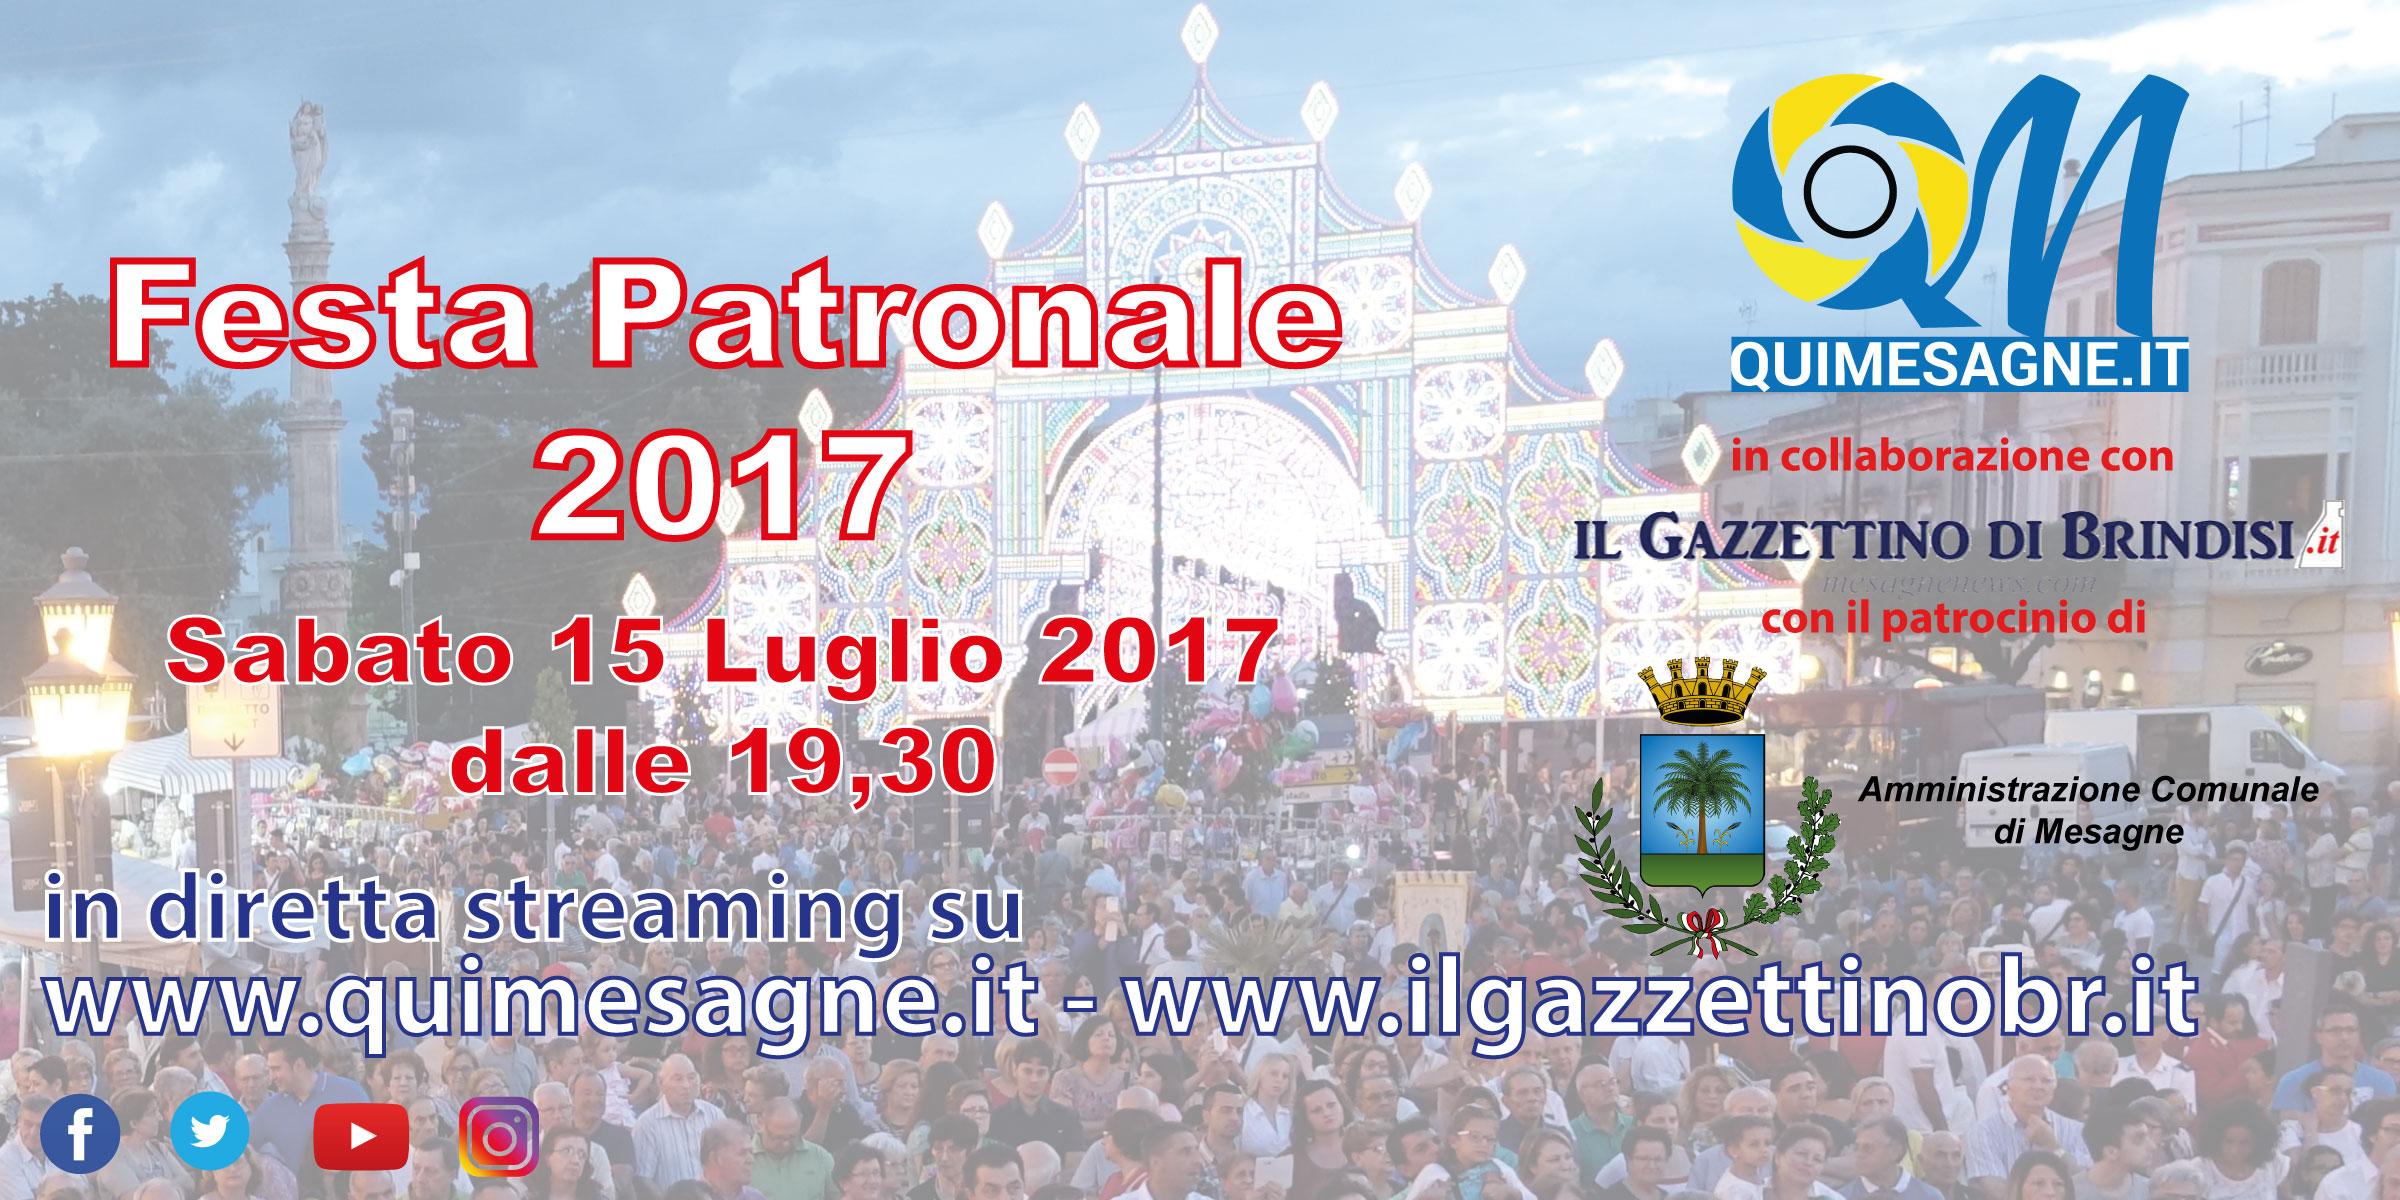 15 Luglio 2017, Rito della Consegna delle Chiavi e inizio Festa Patronale. Live di QuiMesagne